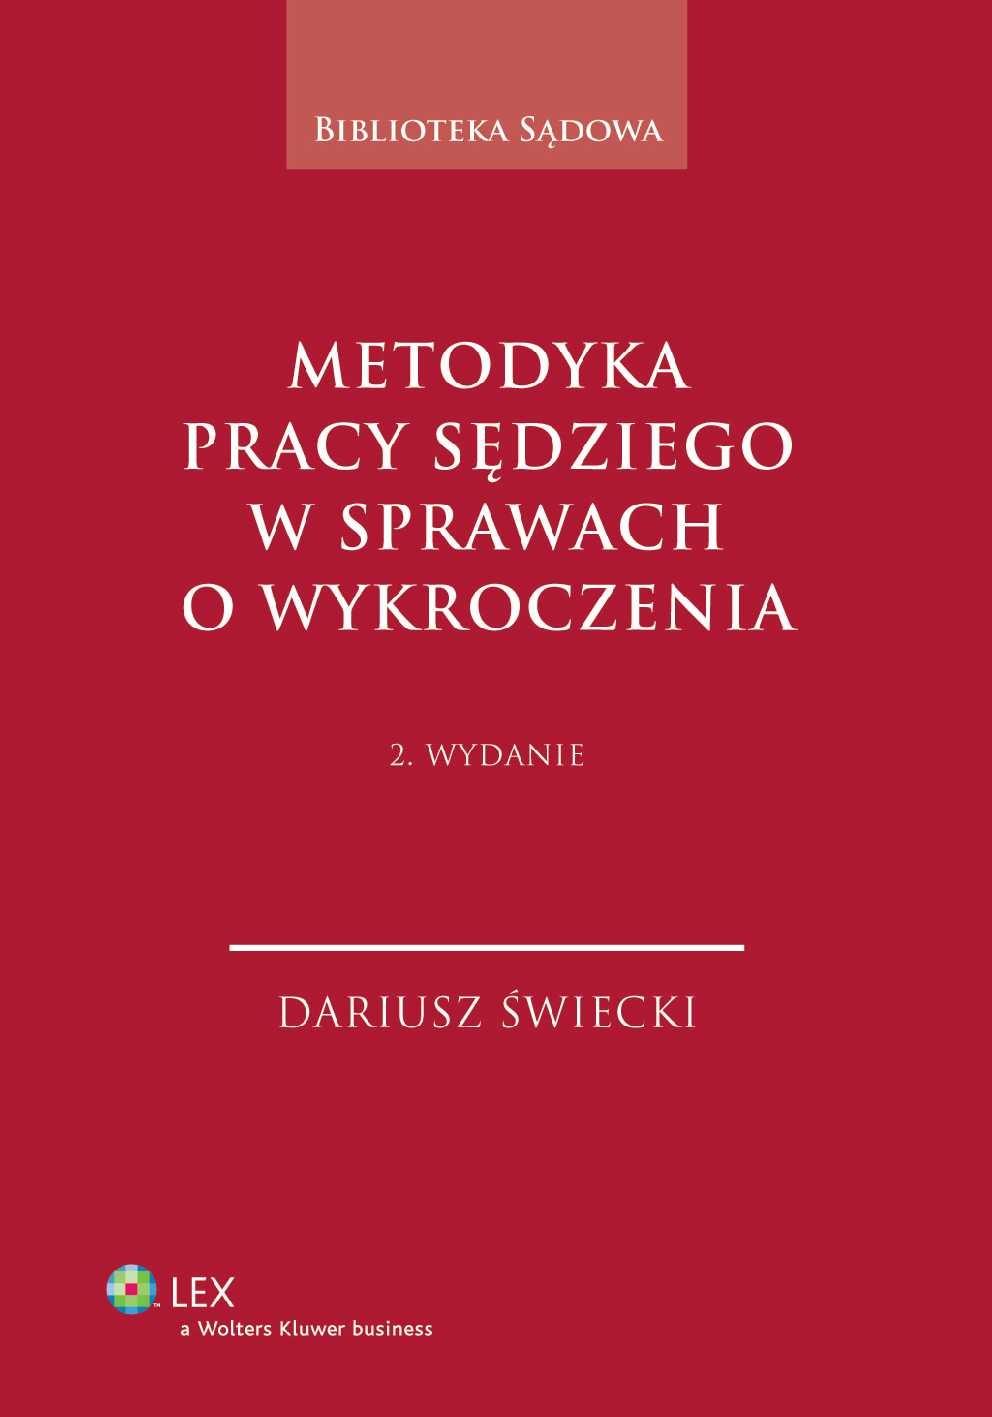 Metodyka pracy sędziego w sprawach o wykroczenia - Ebook (Książka PDF) do pobrania w formacie PDF